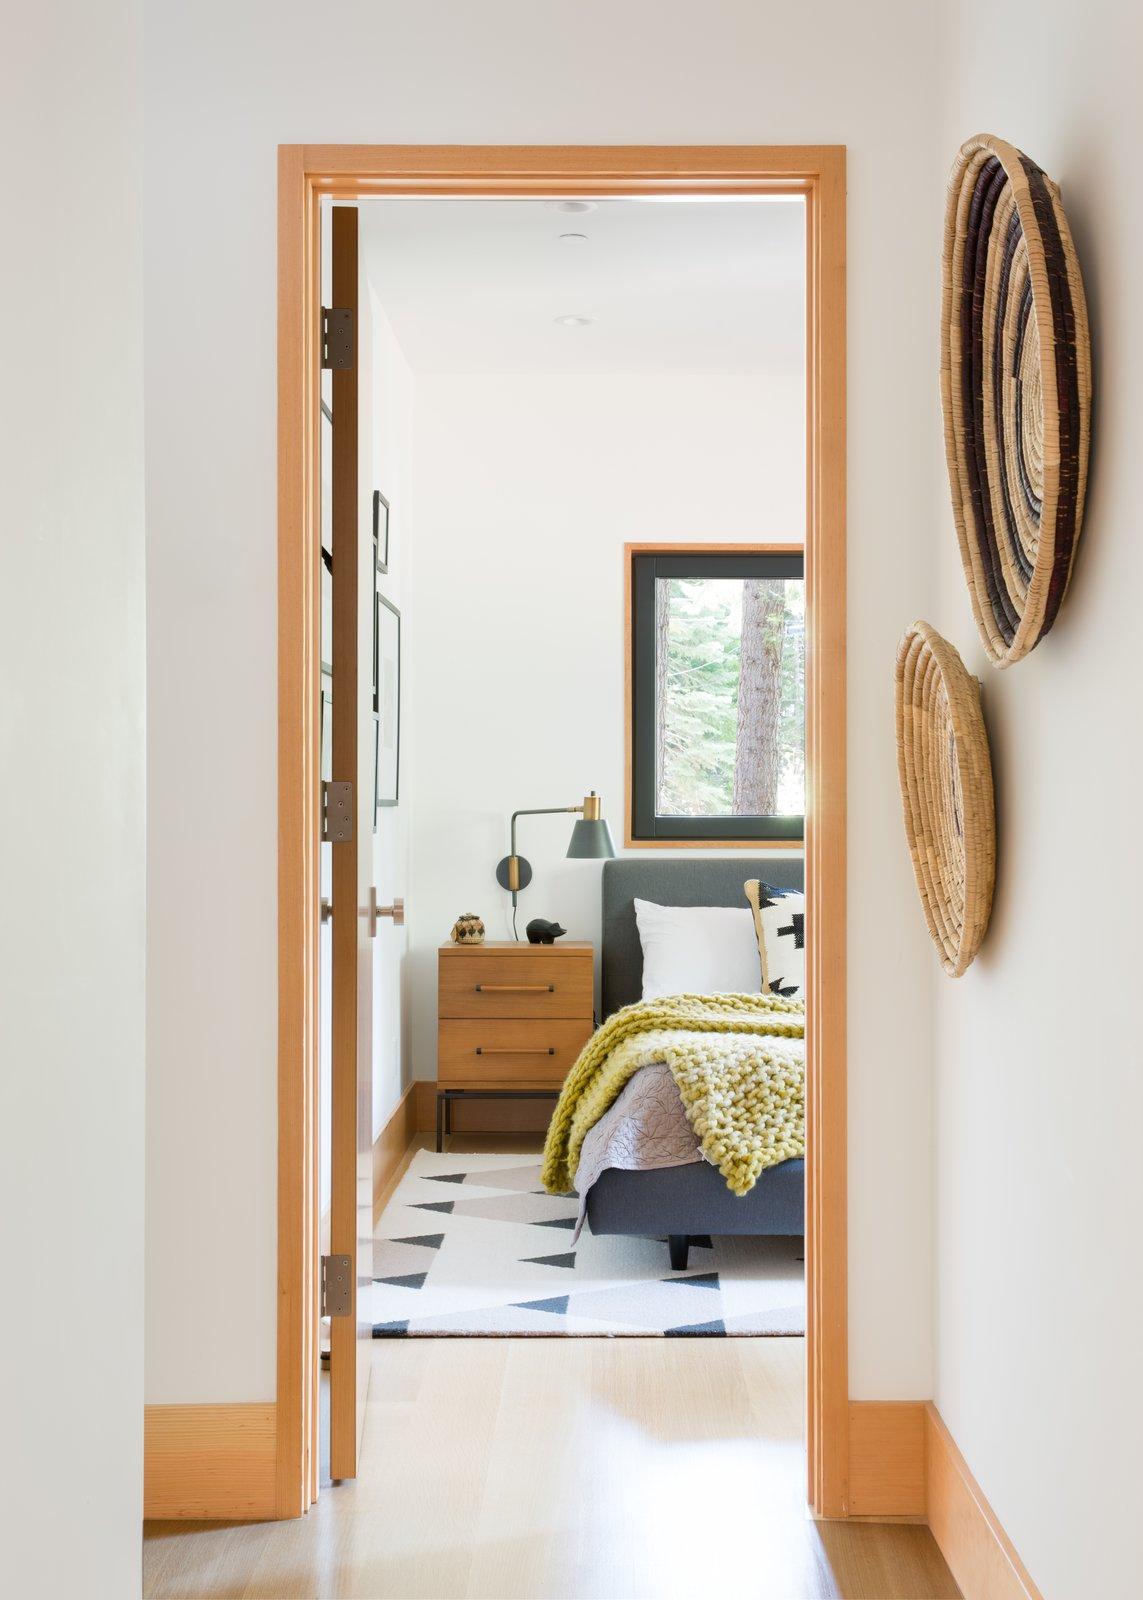 Bedroom, Night Stands, Bed, and Light Hardwood Floor  Woodsy Tahoe Cabin by Regan Baker Design